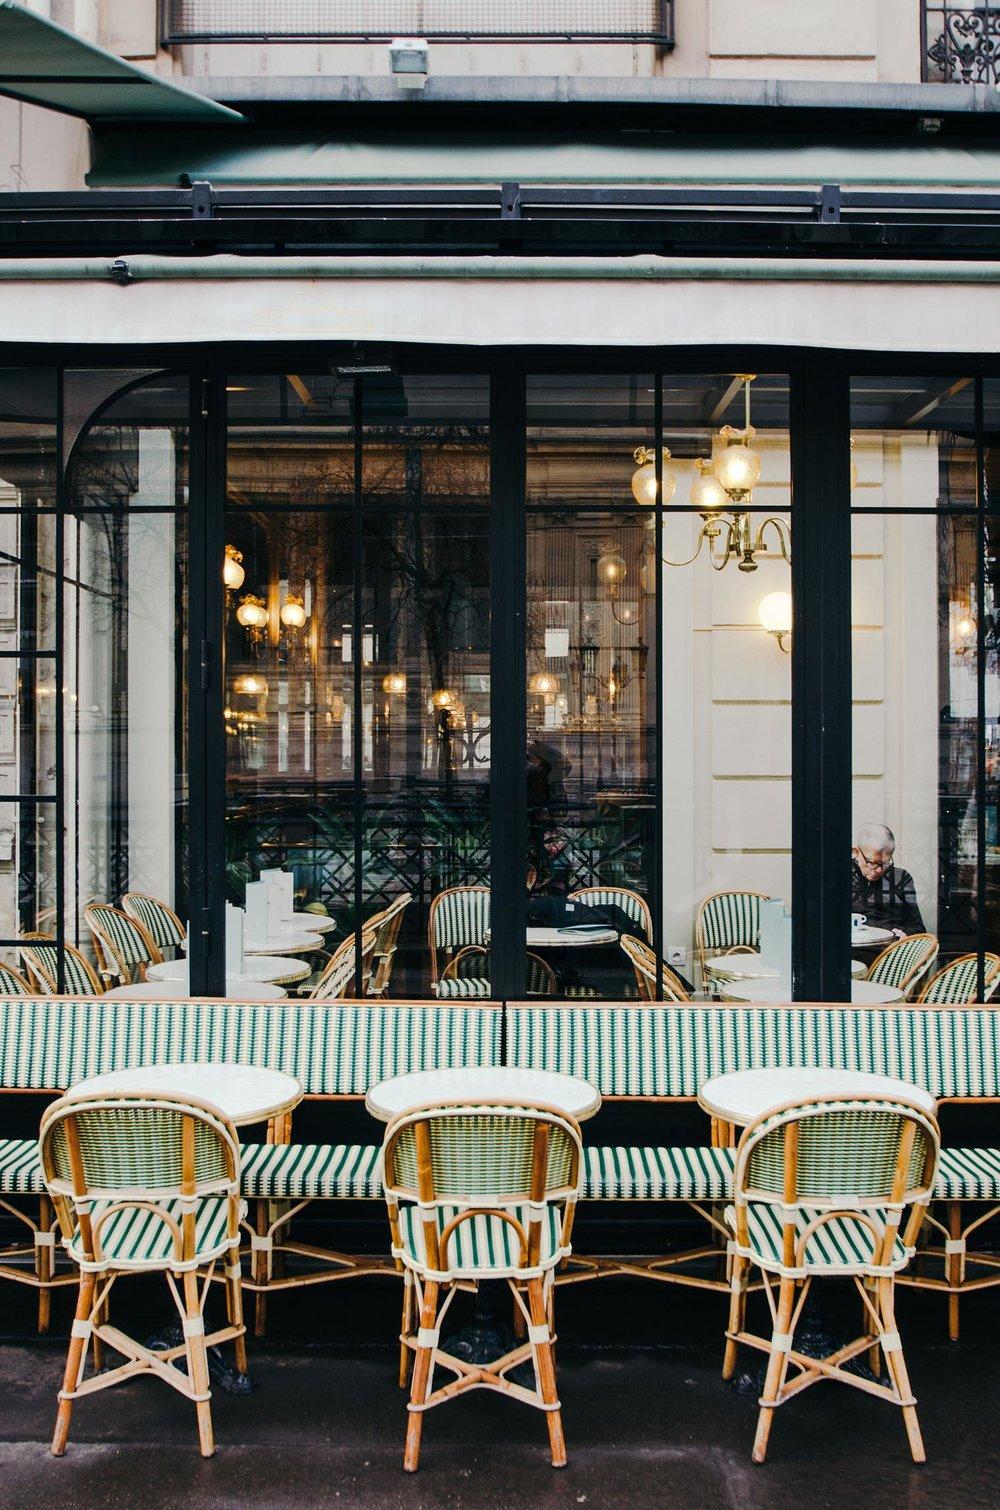 AdamSzafranski-Paris-France-05.jpg